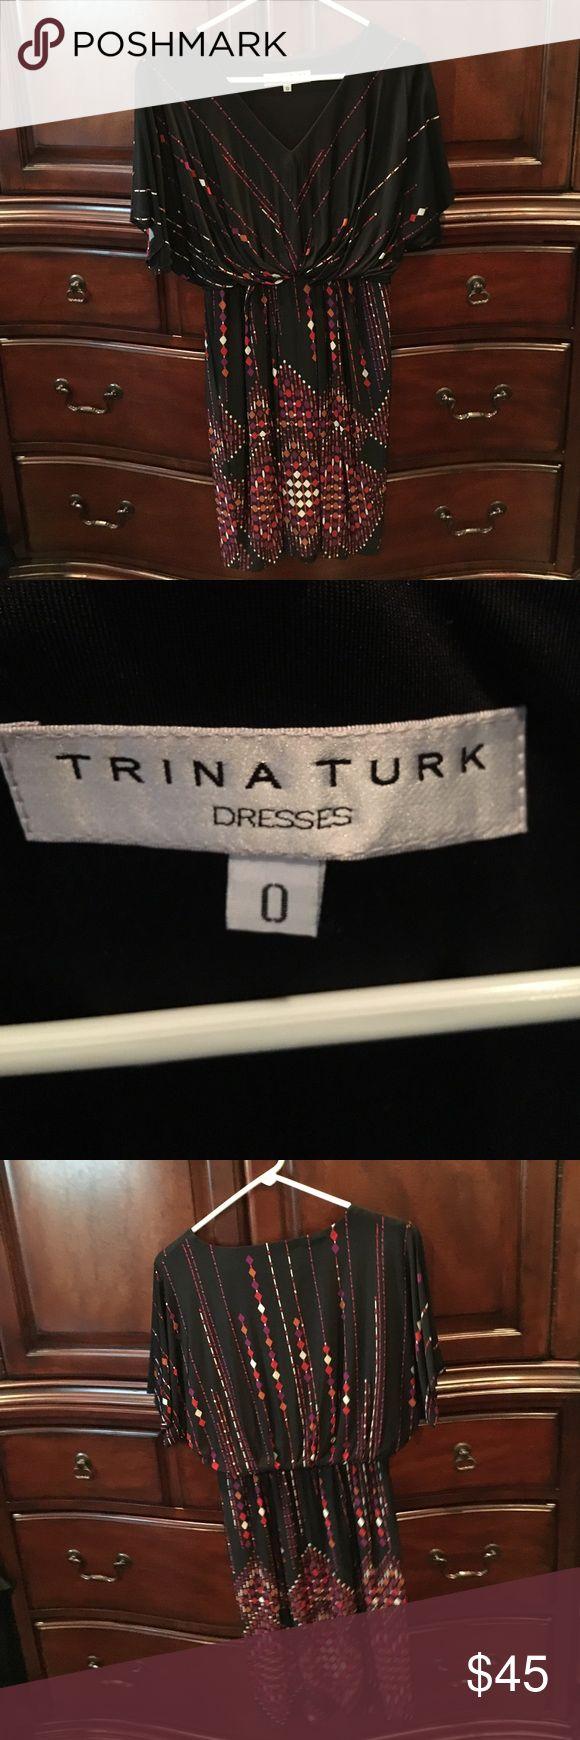 Trina Turk short sleeve dress Trina Turk dress Trina Turk Dresses